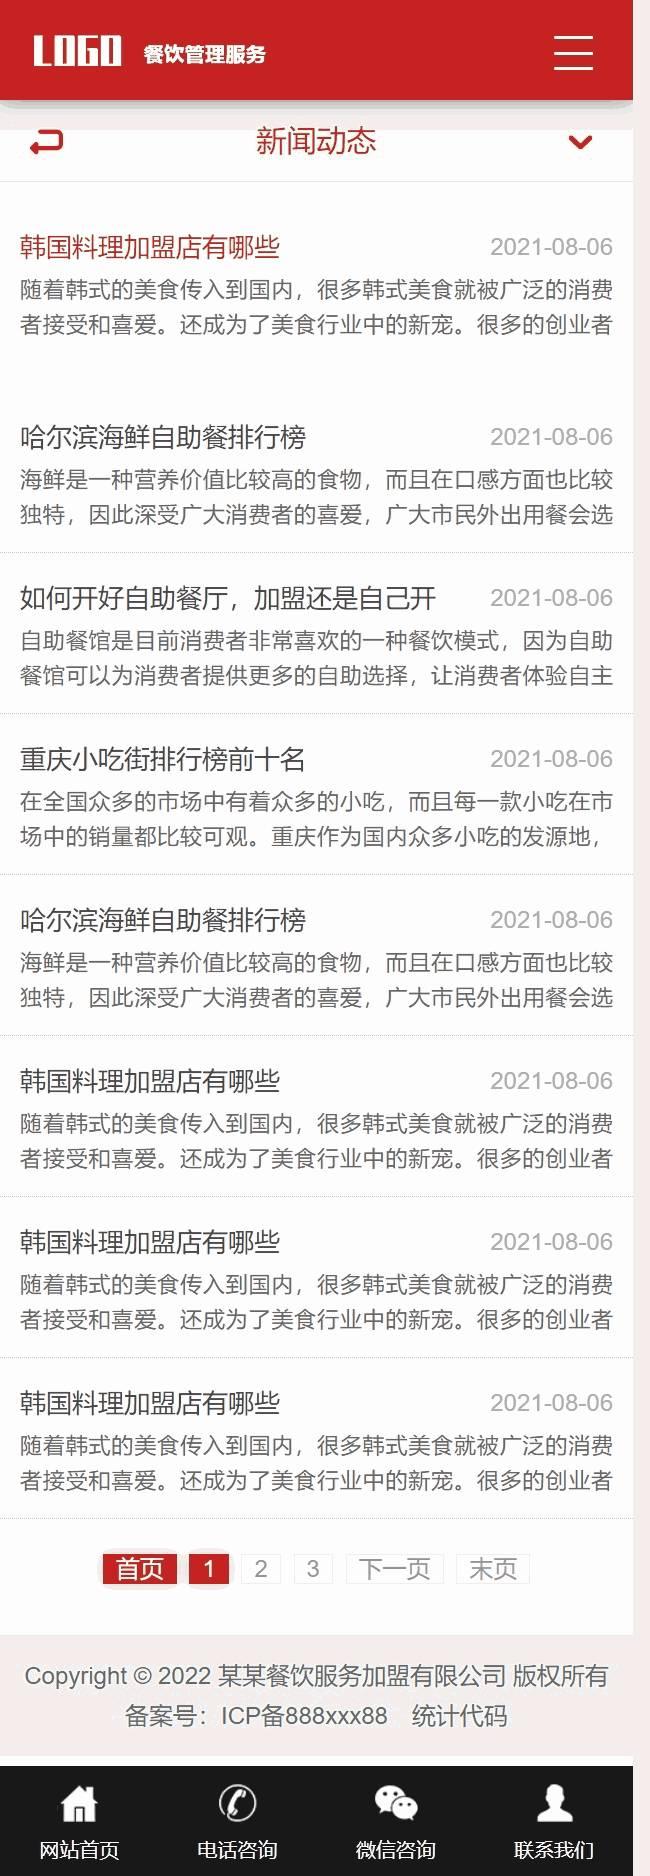 手机新闻列表